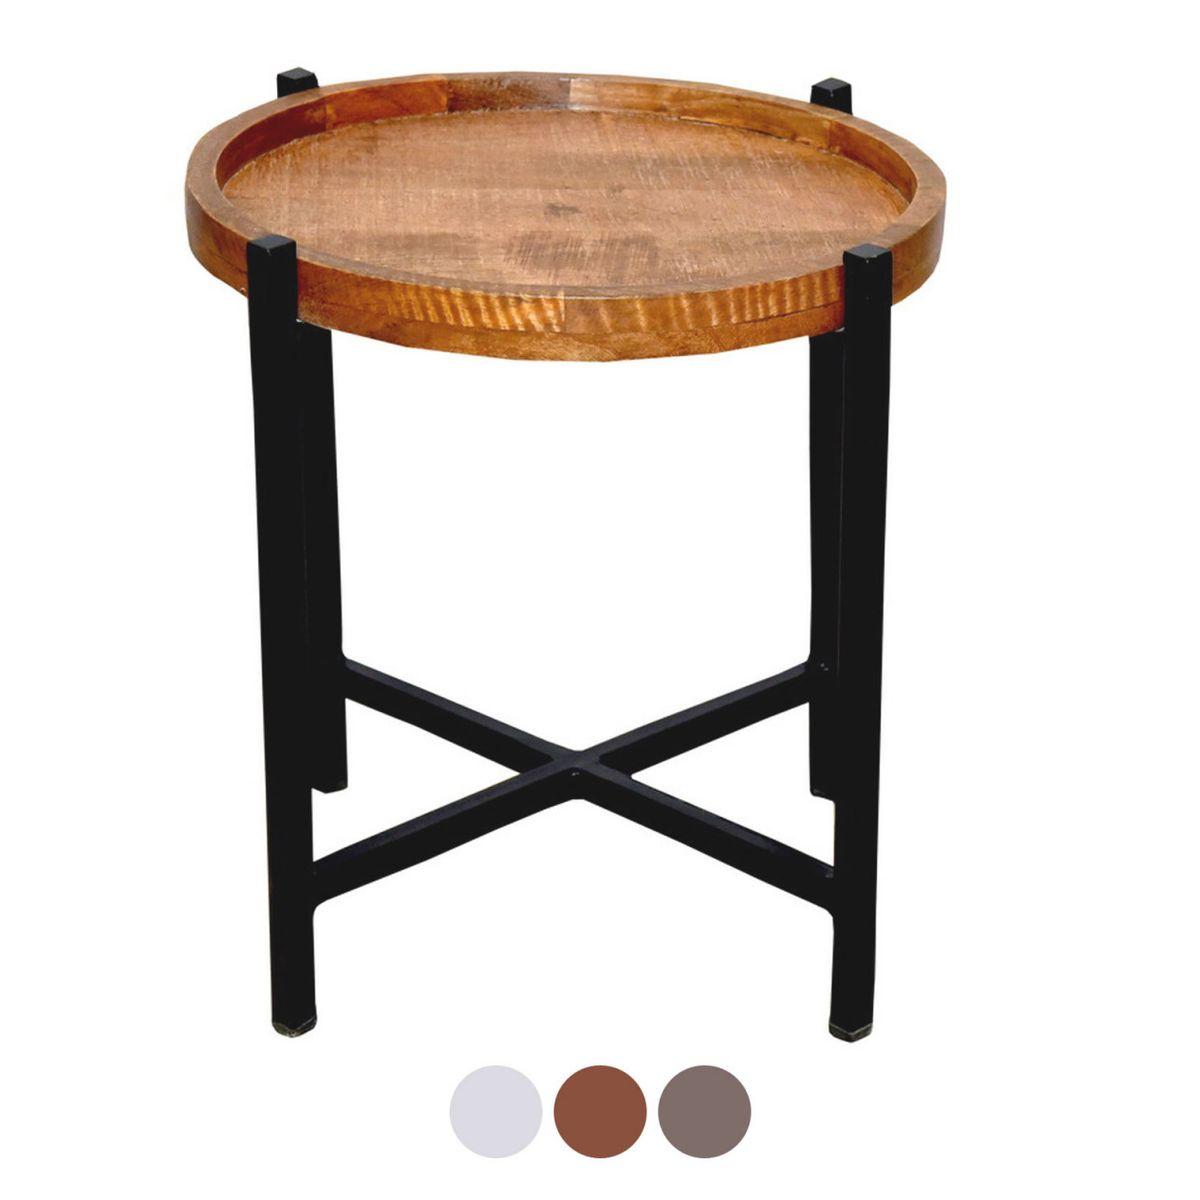 Tisch Rund Metallgestell.Voglrieder Beistelltisch Wohnzimmer Tisch Rund Omaha Metall Gestell Altsilber Oder Schwarz Braun Bassano